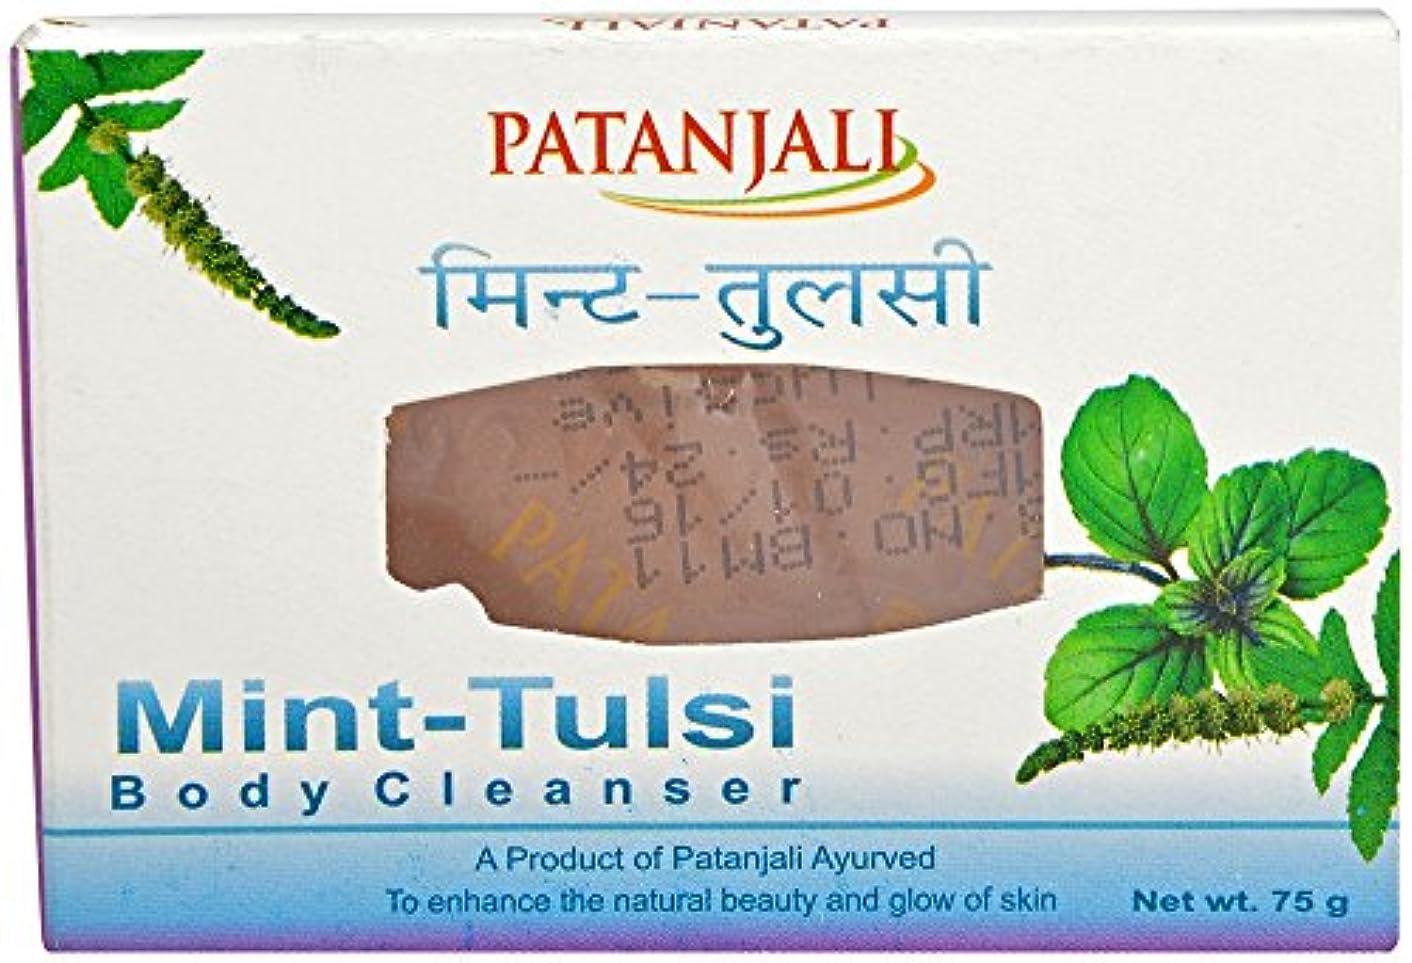 目立つパンダ熱心パタンジャリ ミント?ホーリーバジルソープ 75g×2個 アーユルヴェーダ インド産 Mint Tulsi Body Cleanser Ayurveda Patanjali India